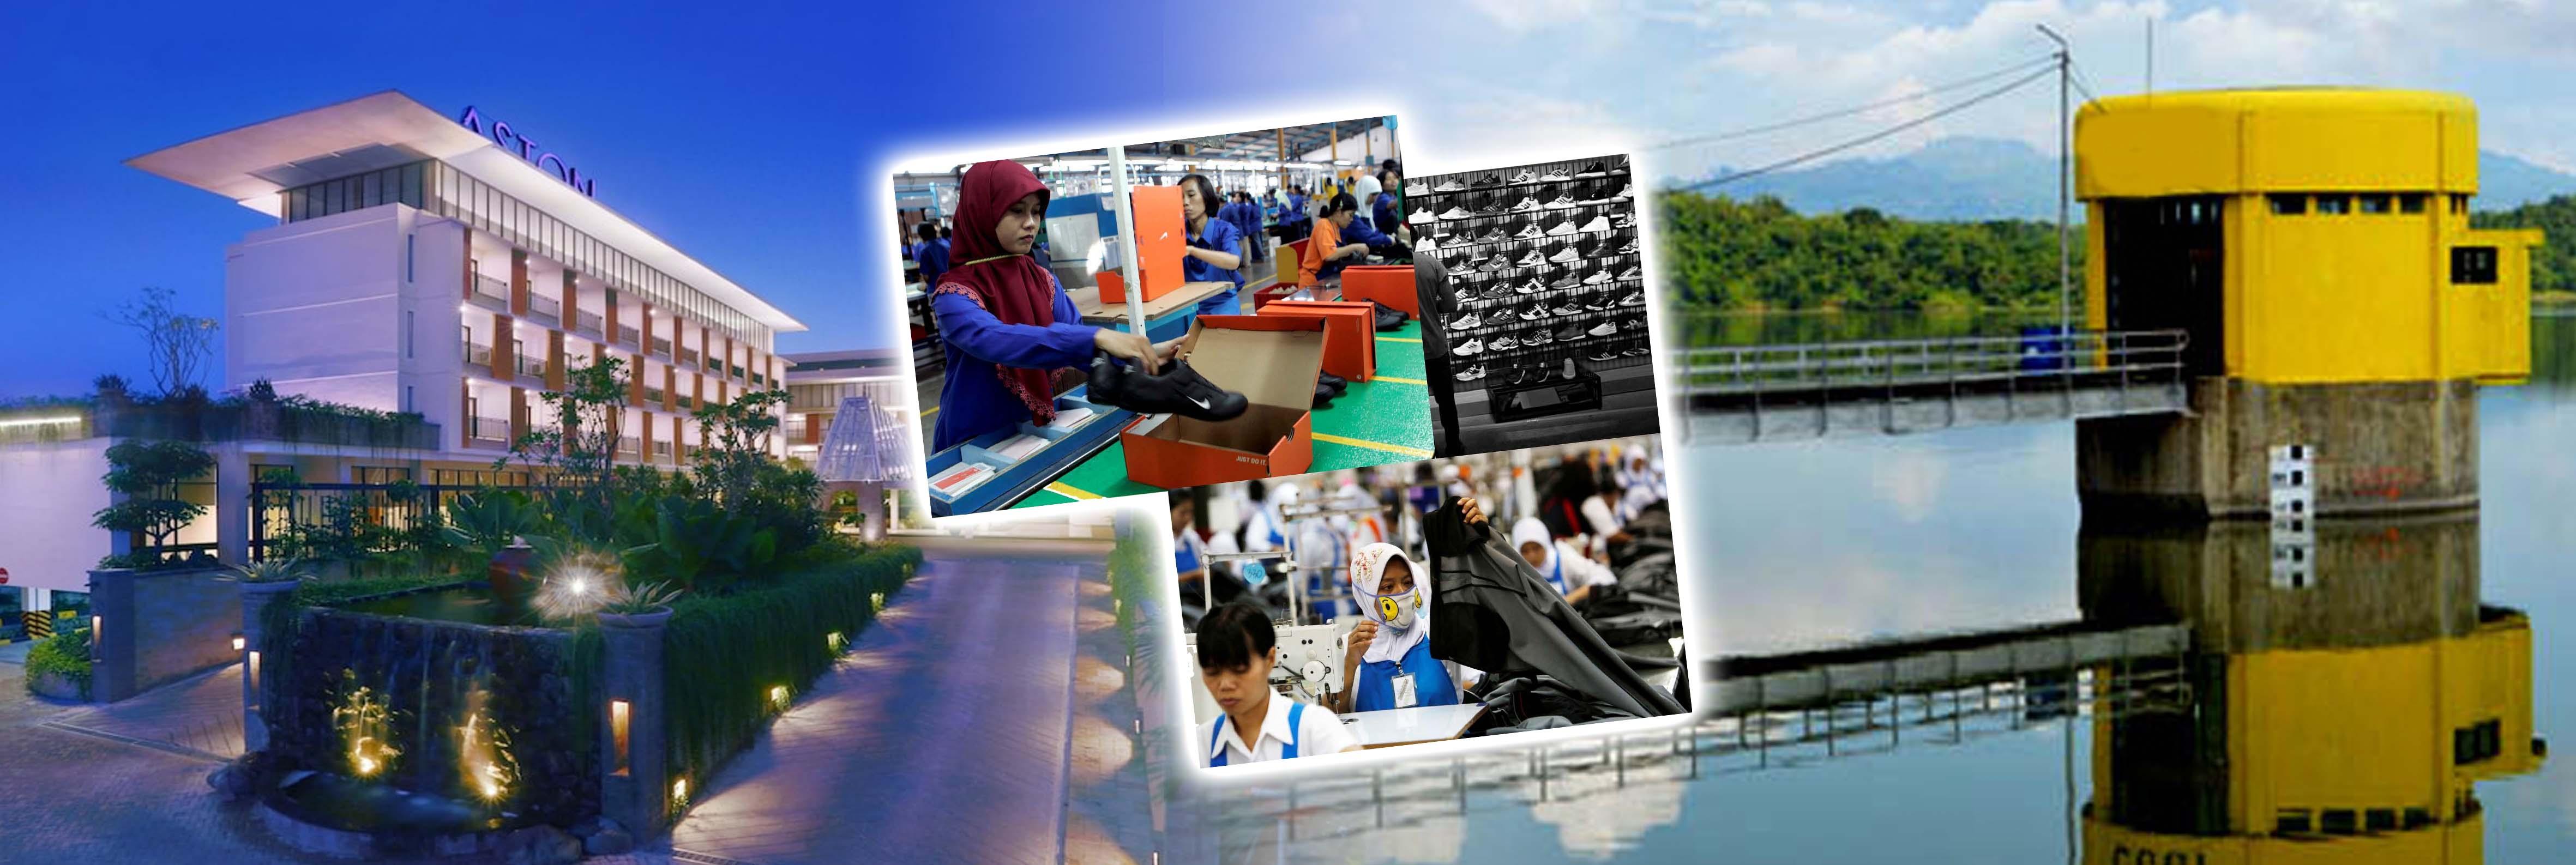 Potensi Industri Dan Wisata<BR>Di Kabupaten Bojonegoro